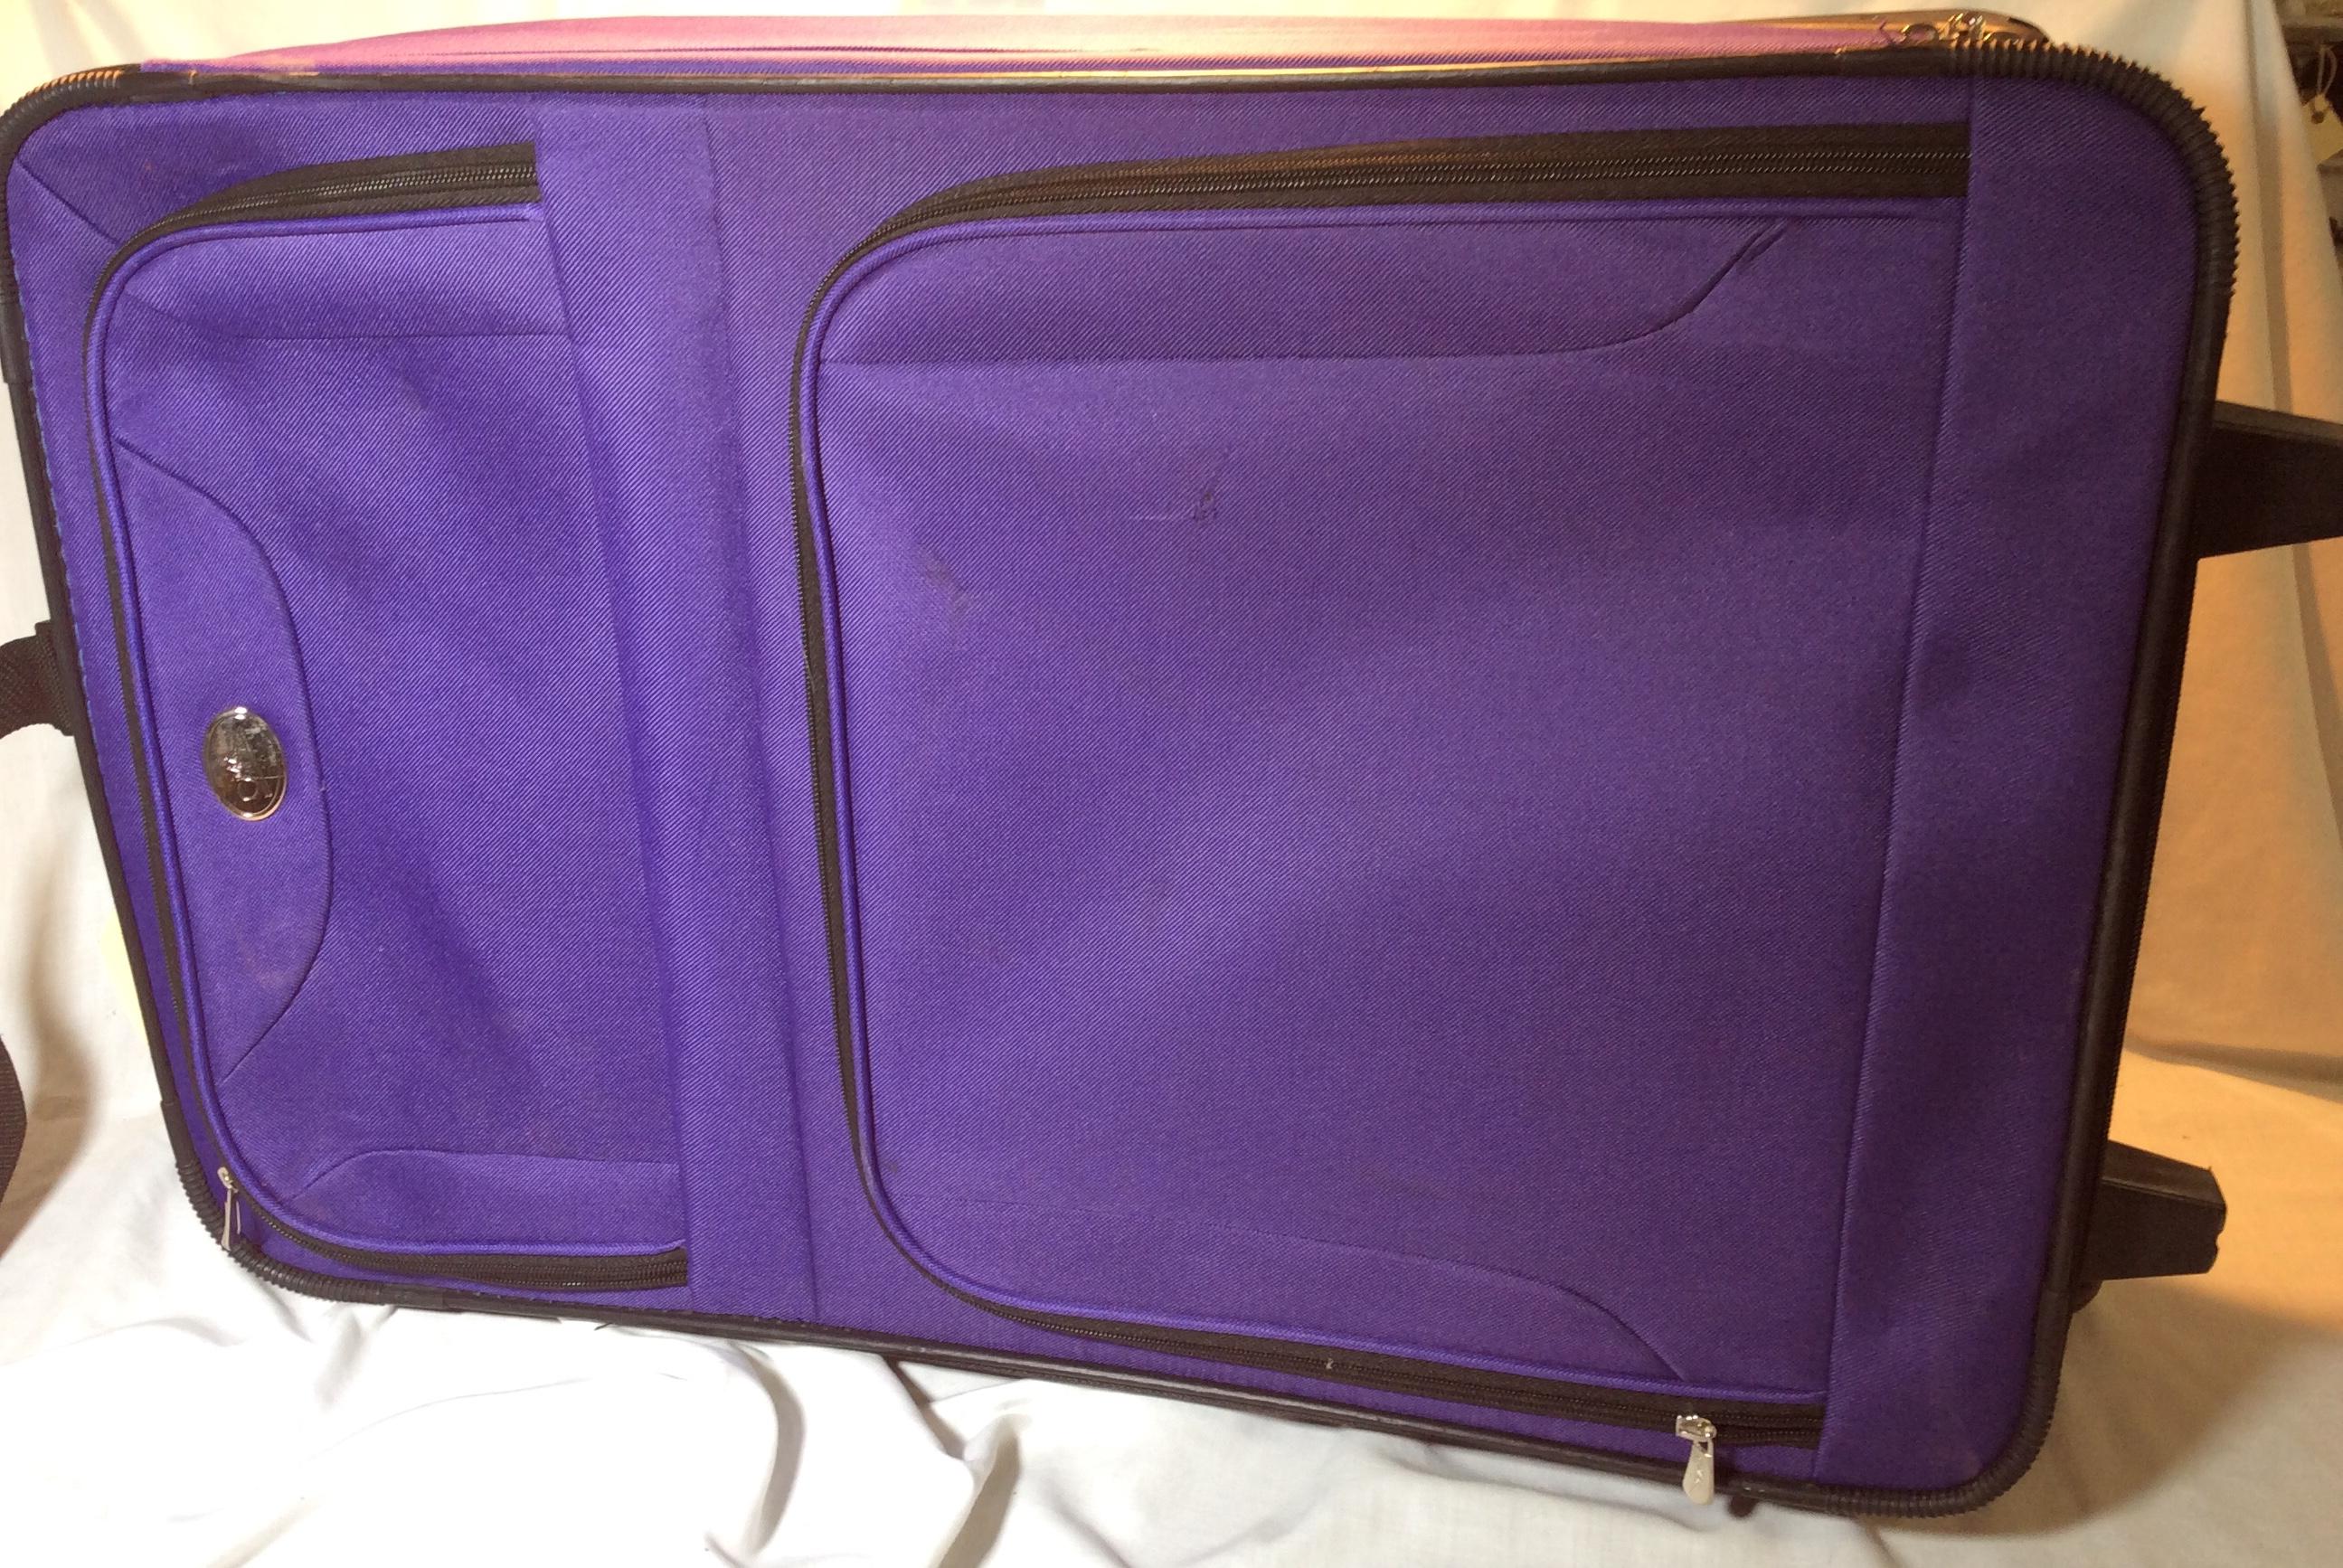 Purple Wheeled Suitcase